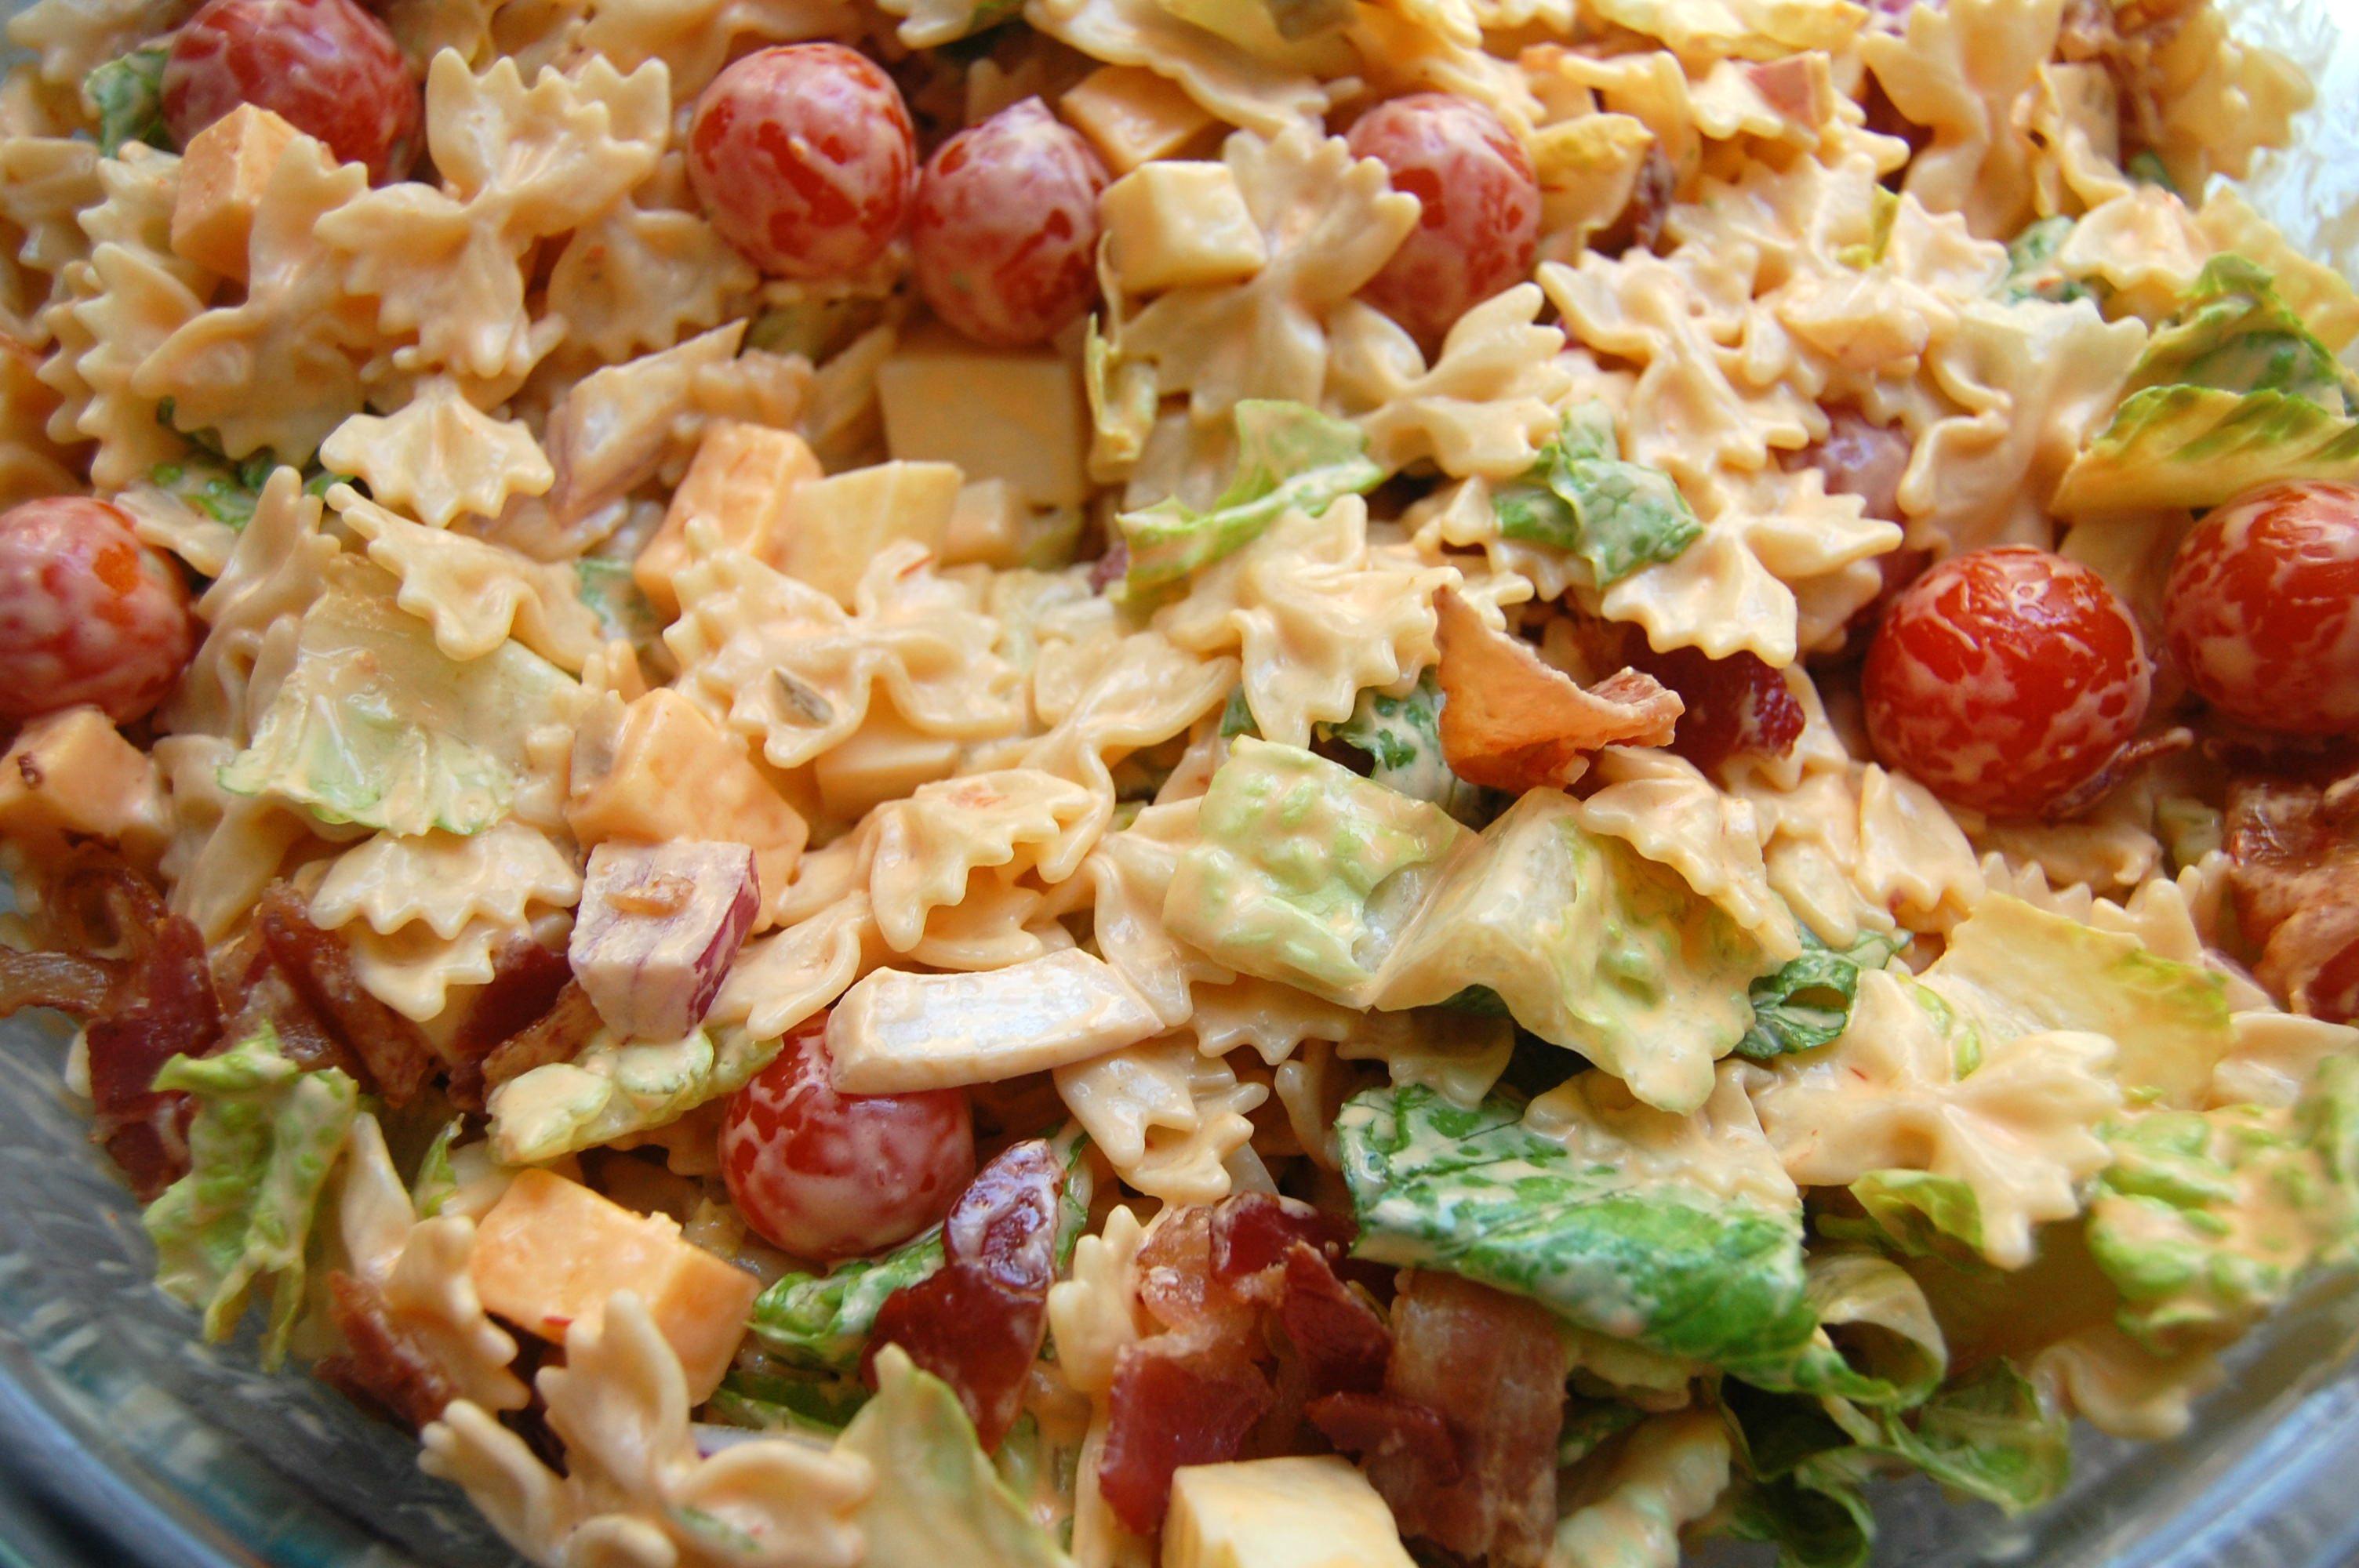 Amazing Pasta Salad